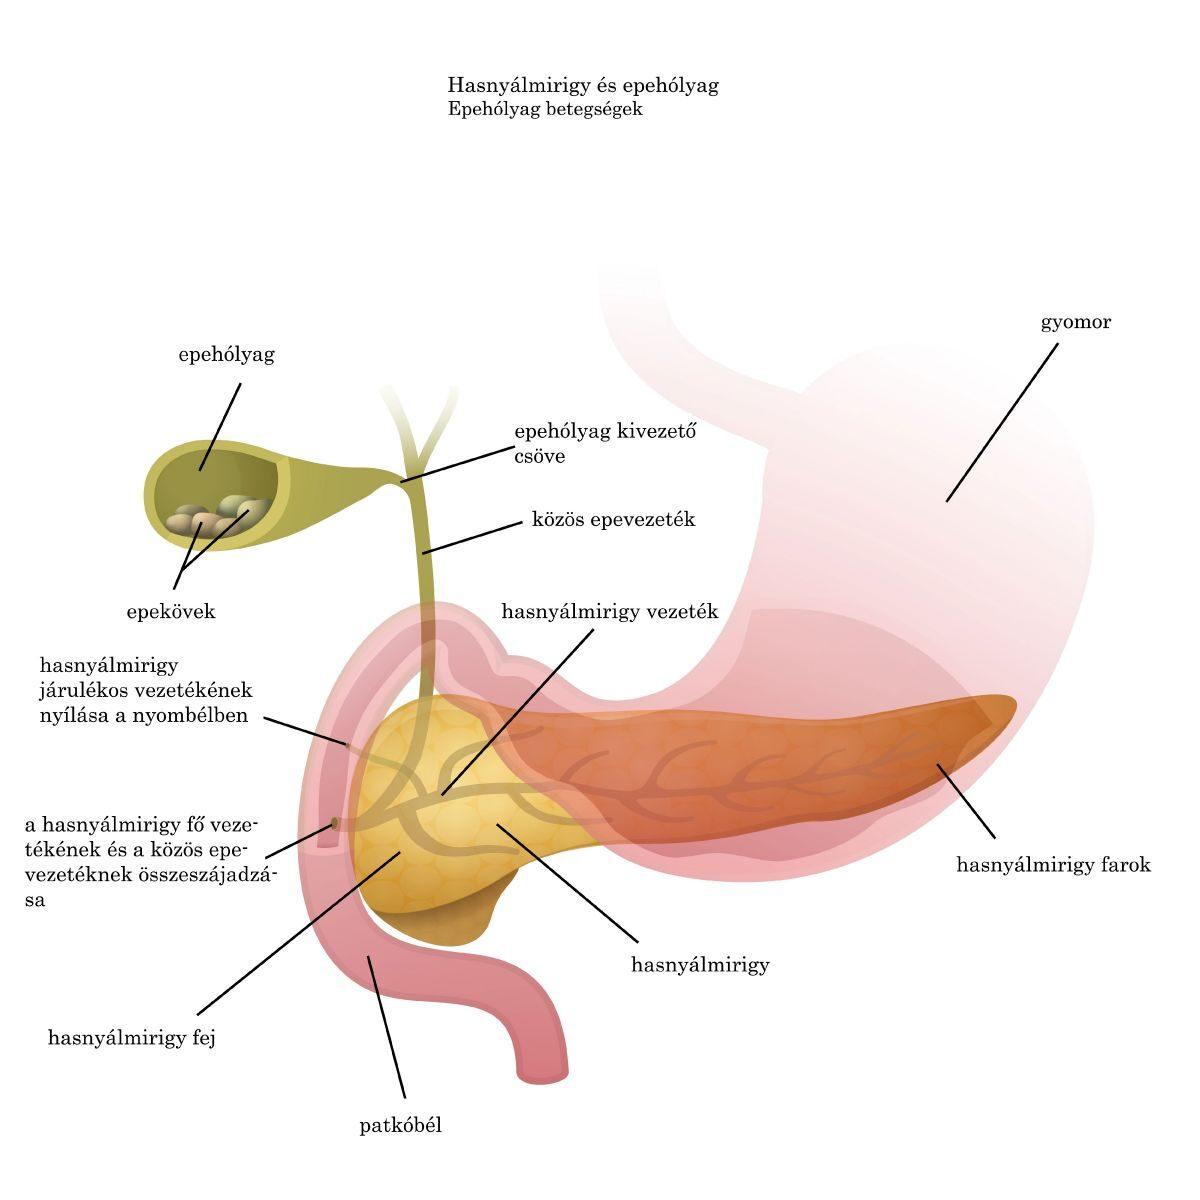 ostorféreg jelei a testben